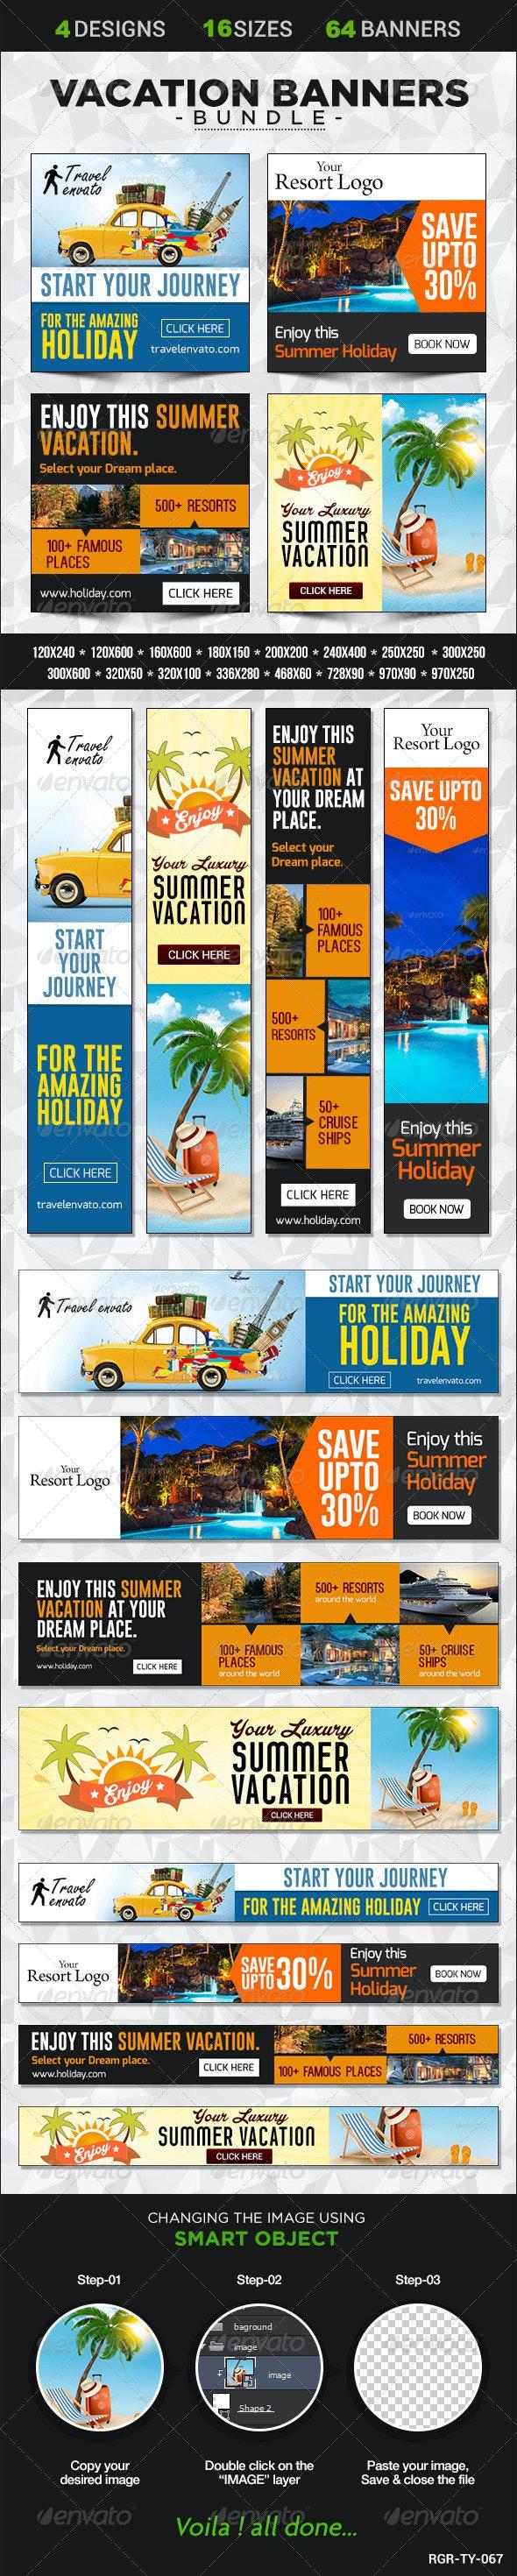 Vacation Banner Bundle - 4 sets